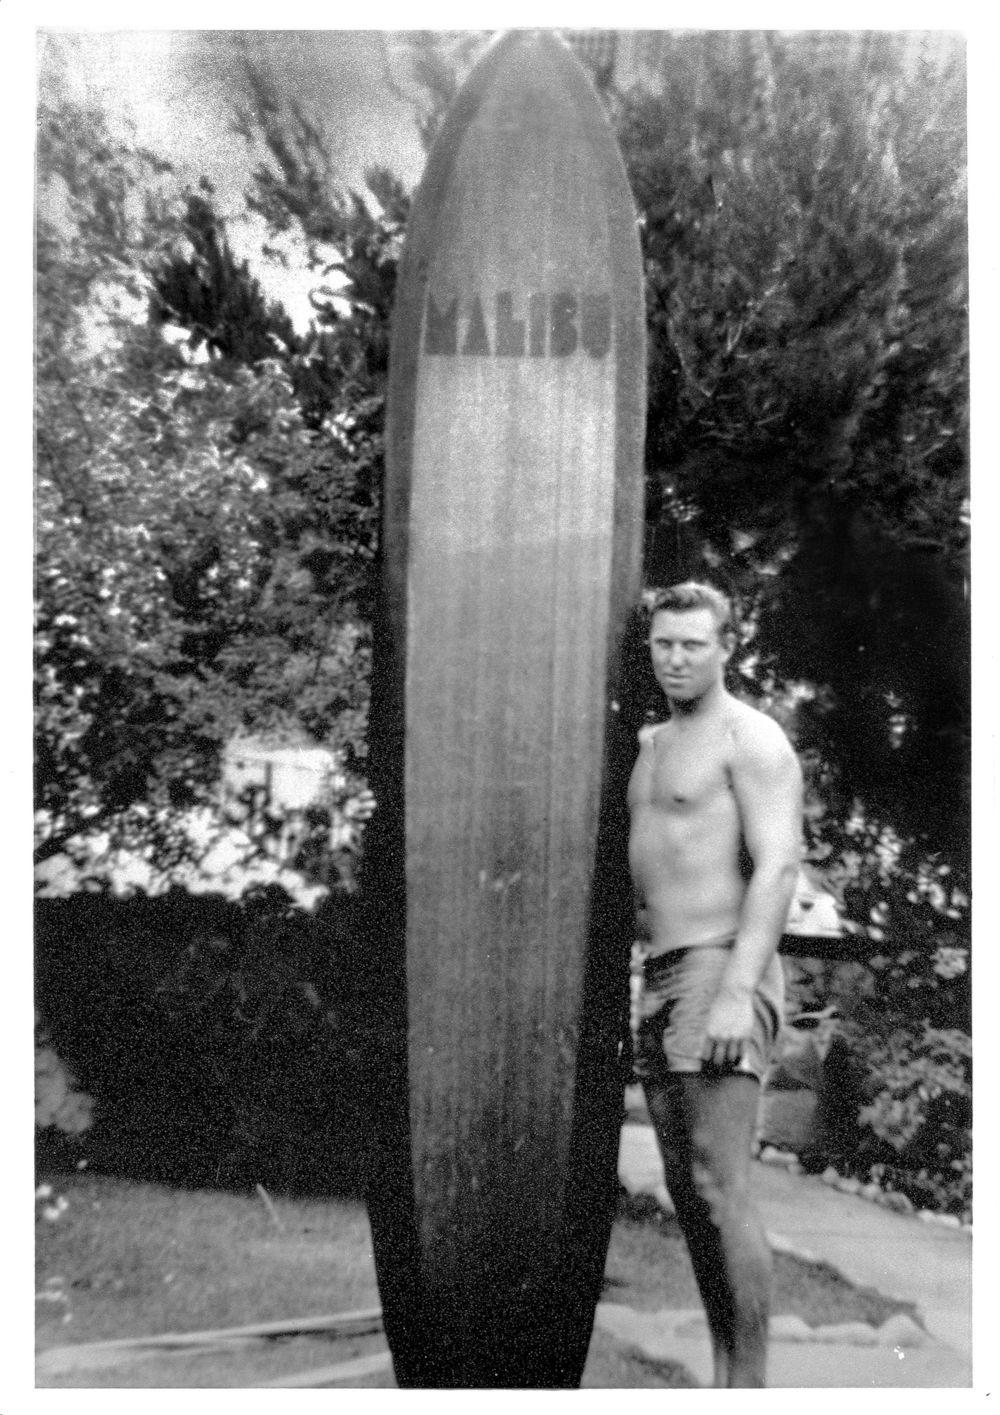 Walter Hoffman, c. 1948